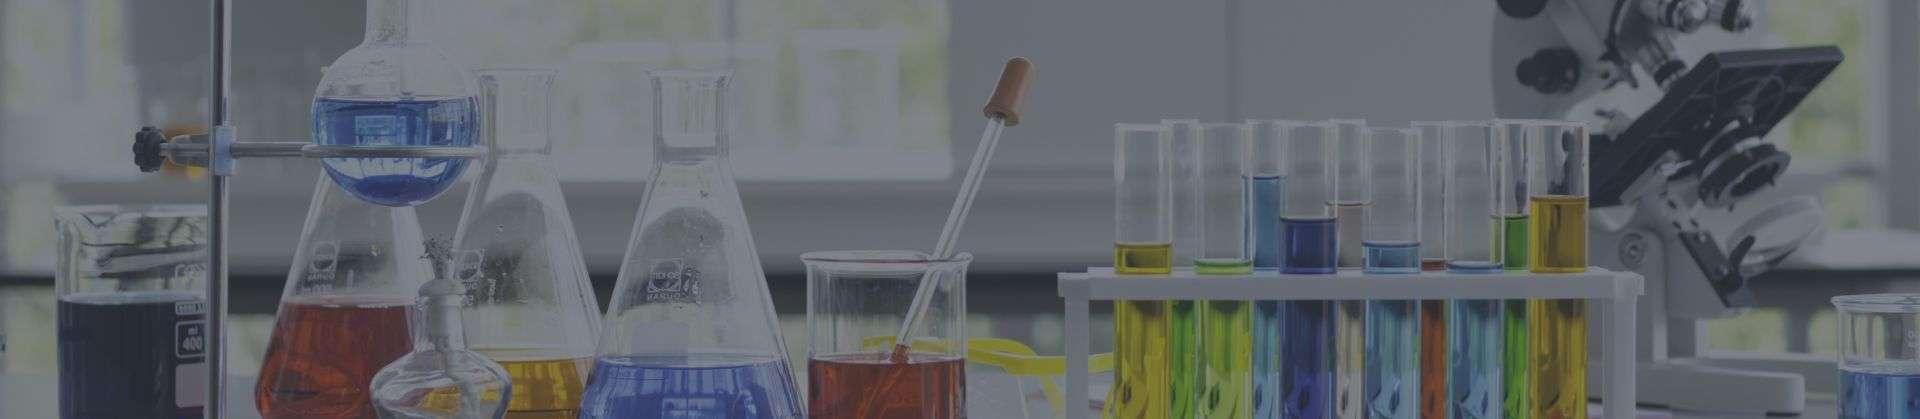 Ciências Biológicas Bacharelado